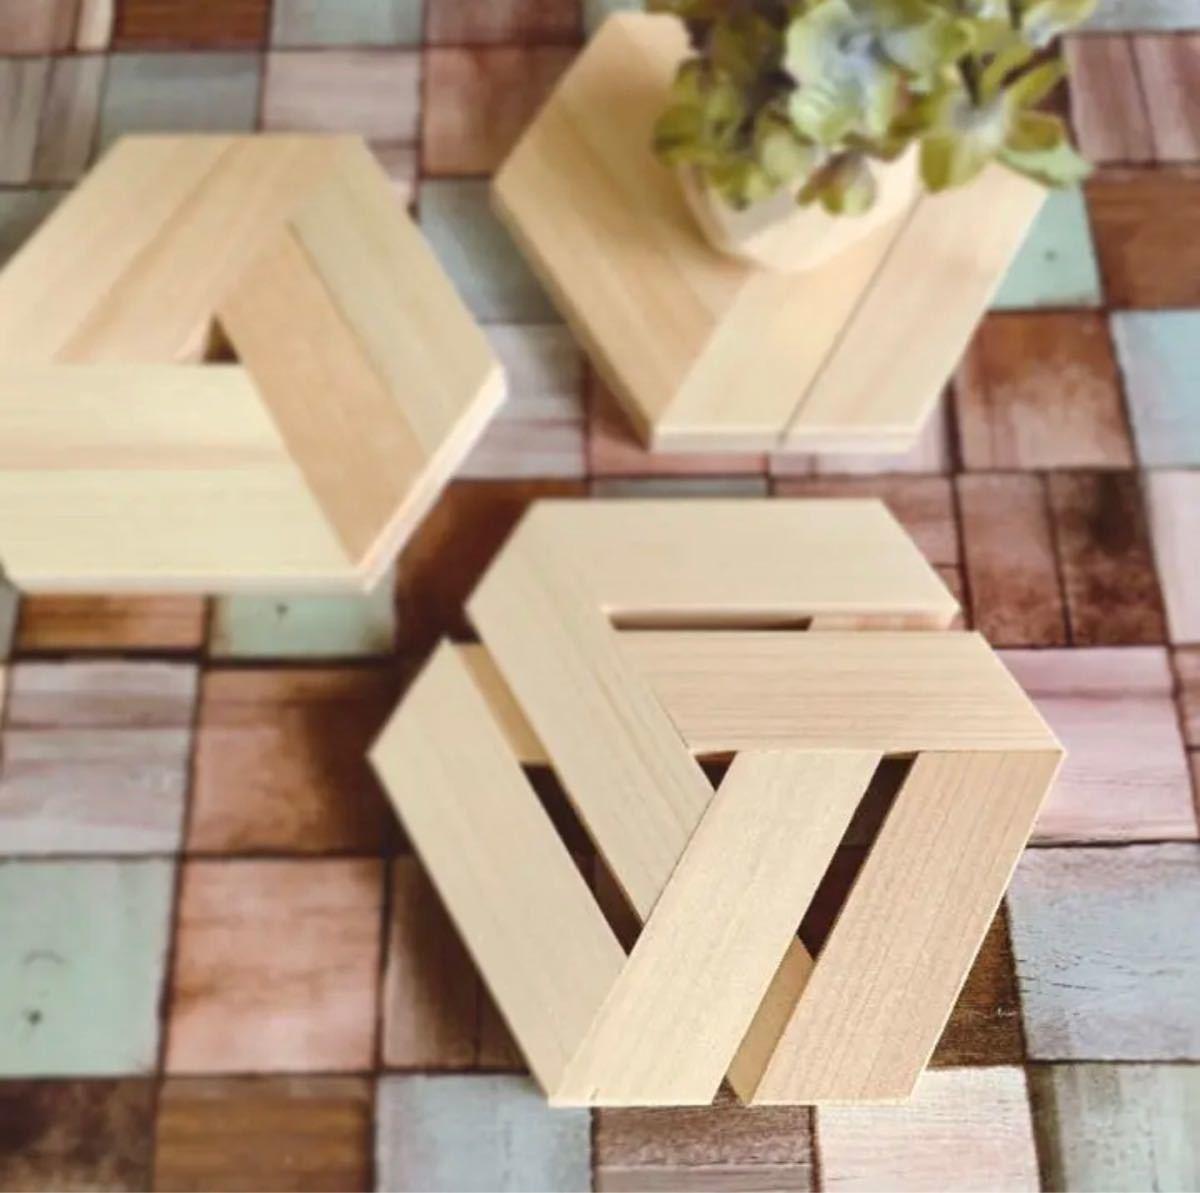 花台、鍋敷き を作ろう! ボンドだけで簡単に作れる。三つを組み合わせてスライド